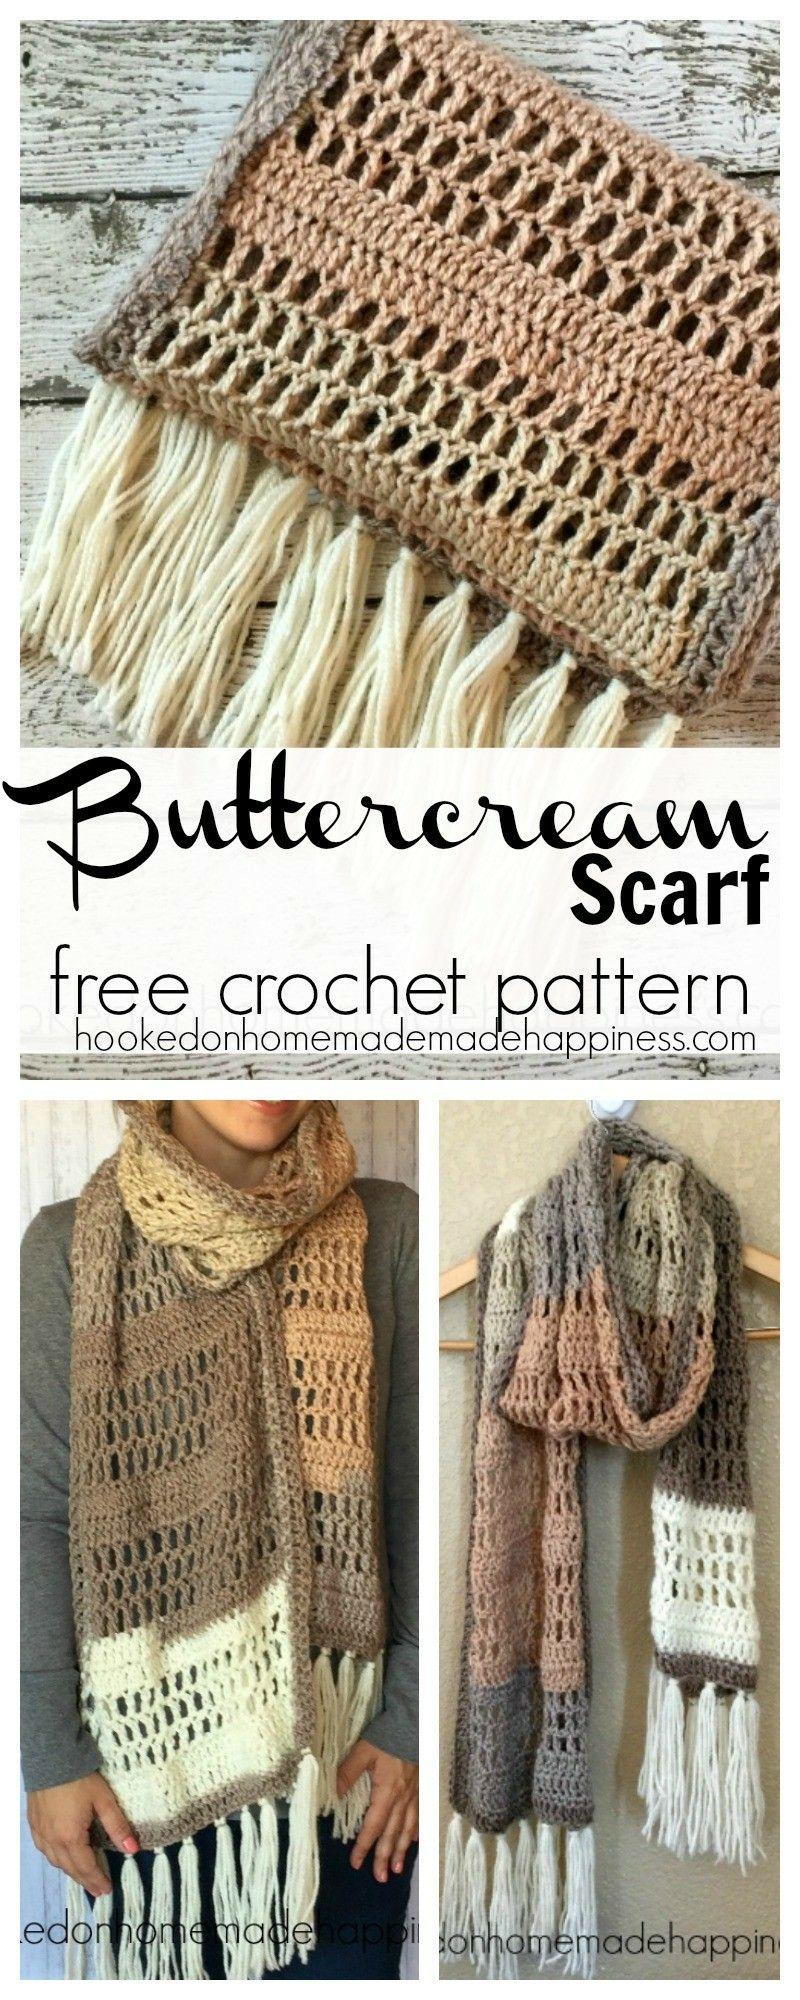 Pin von Christina Chaney auf Crafty Crochet | Pinterest | Häkeln